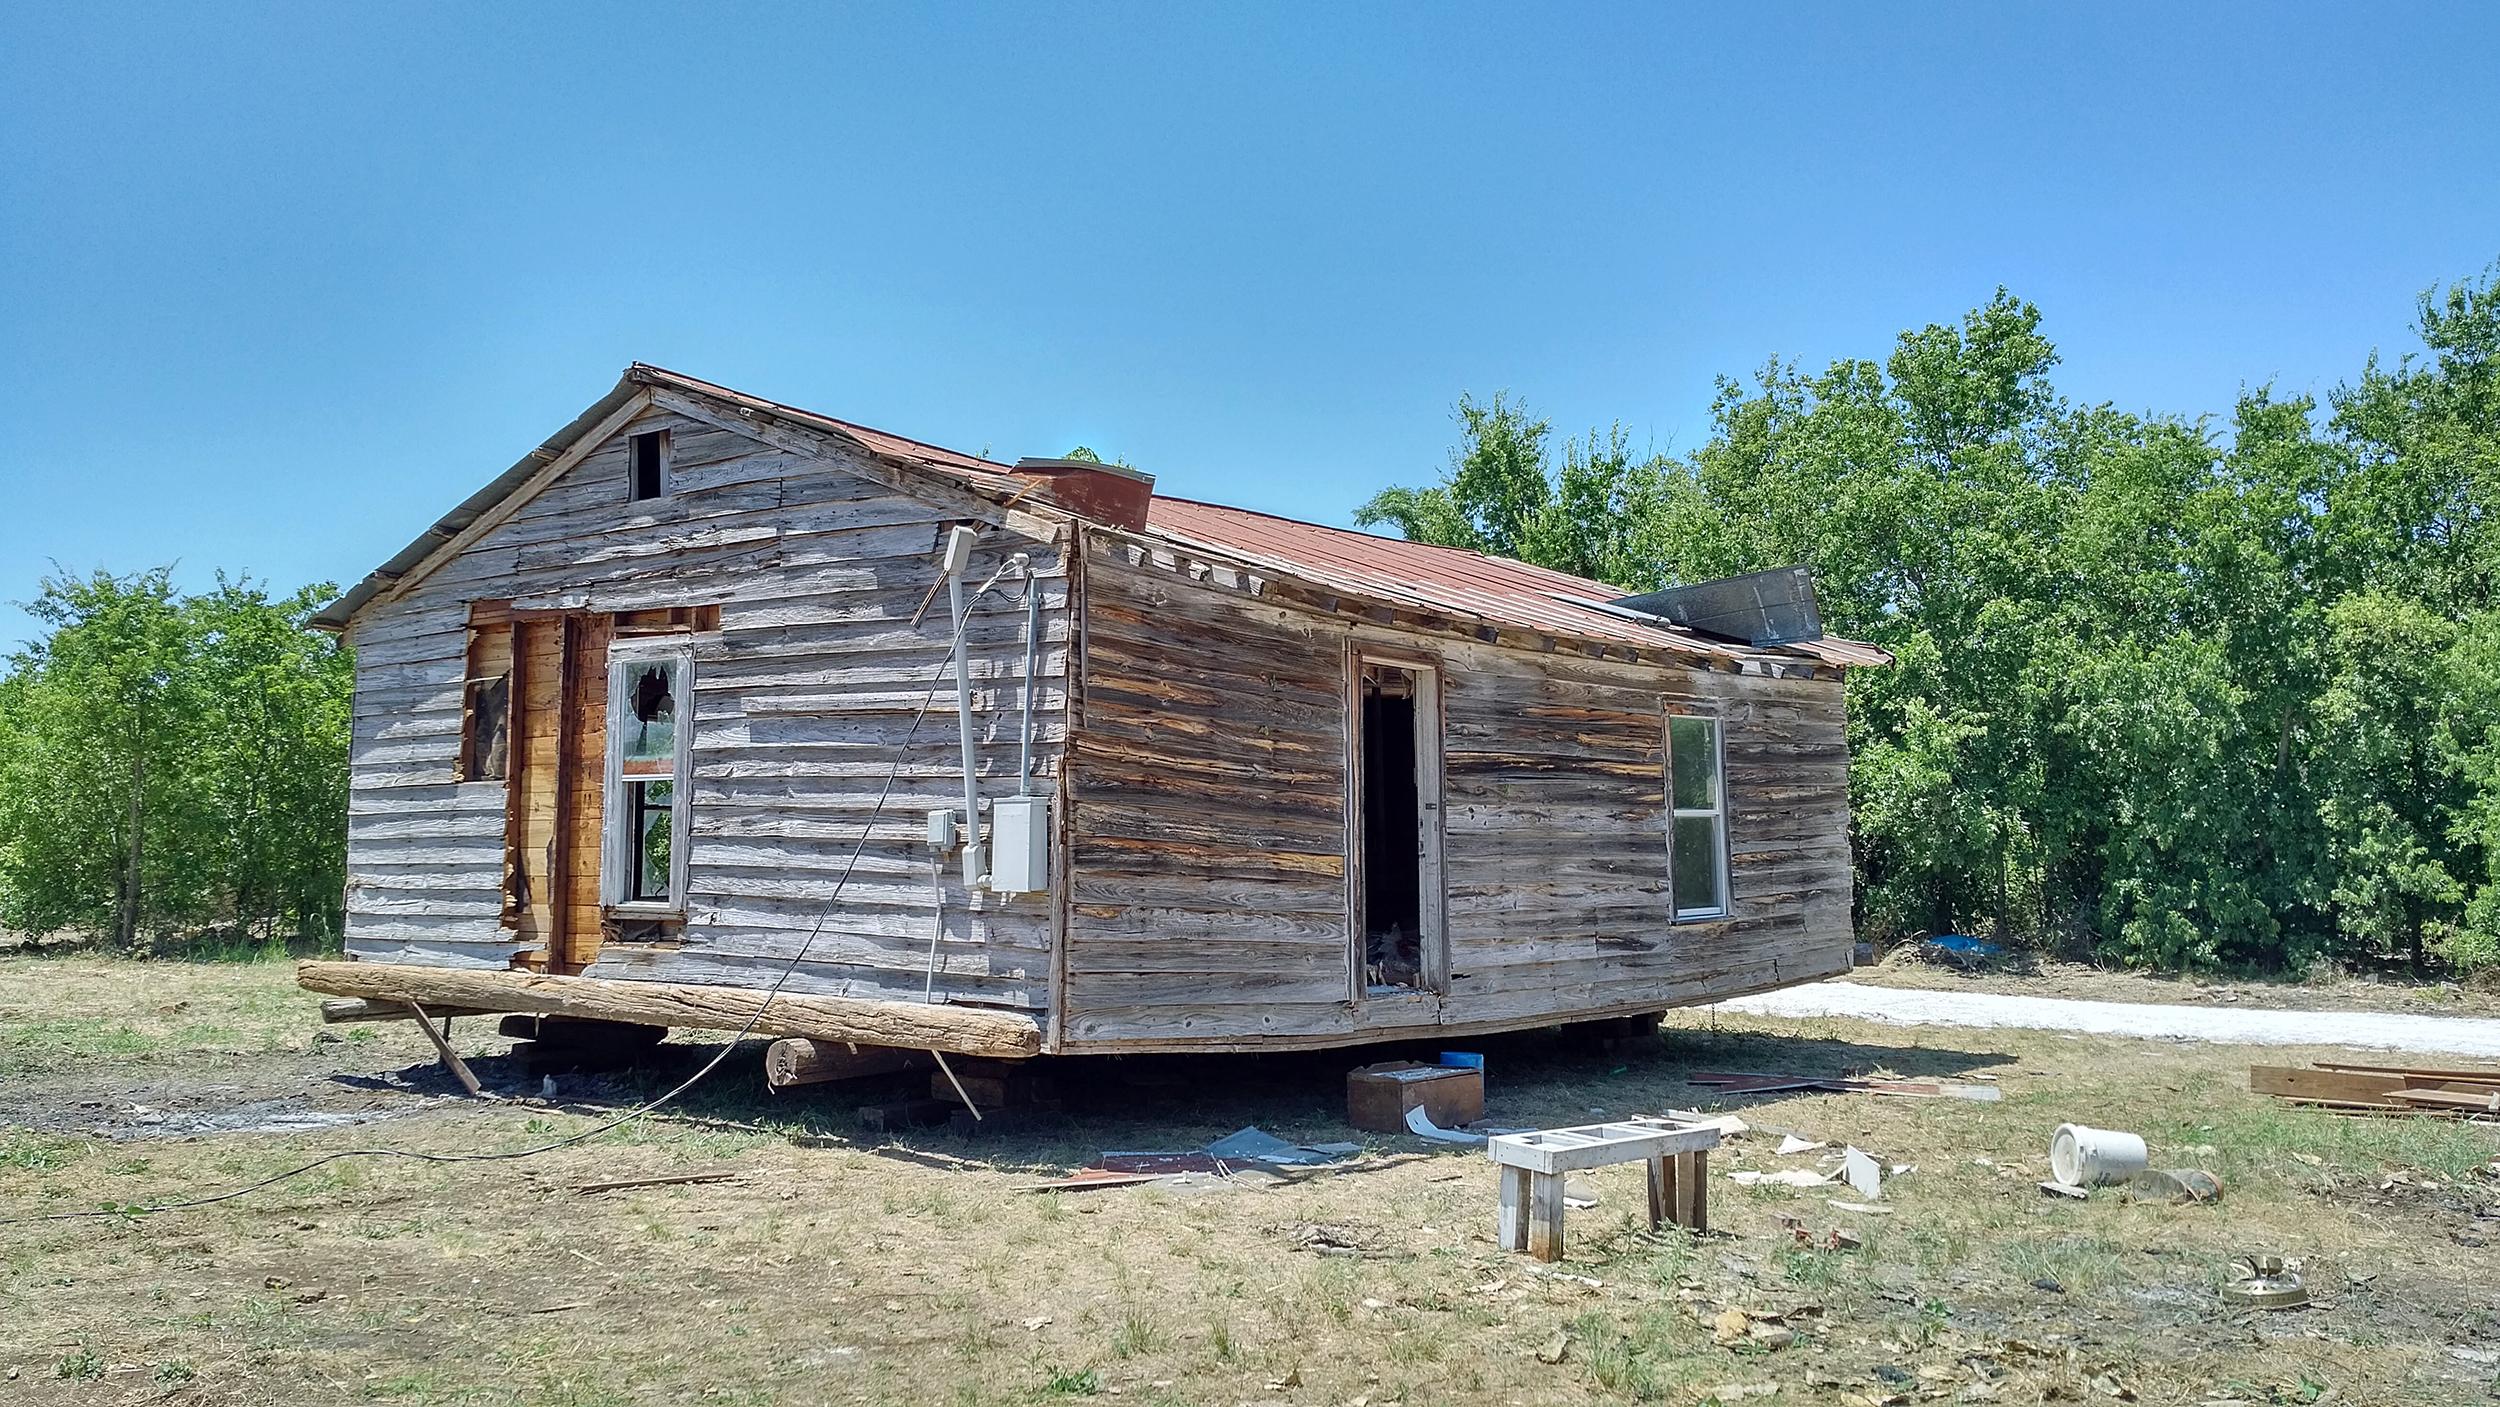 Fixer upper season 4 finale little shack on prarie for Shack homes